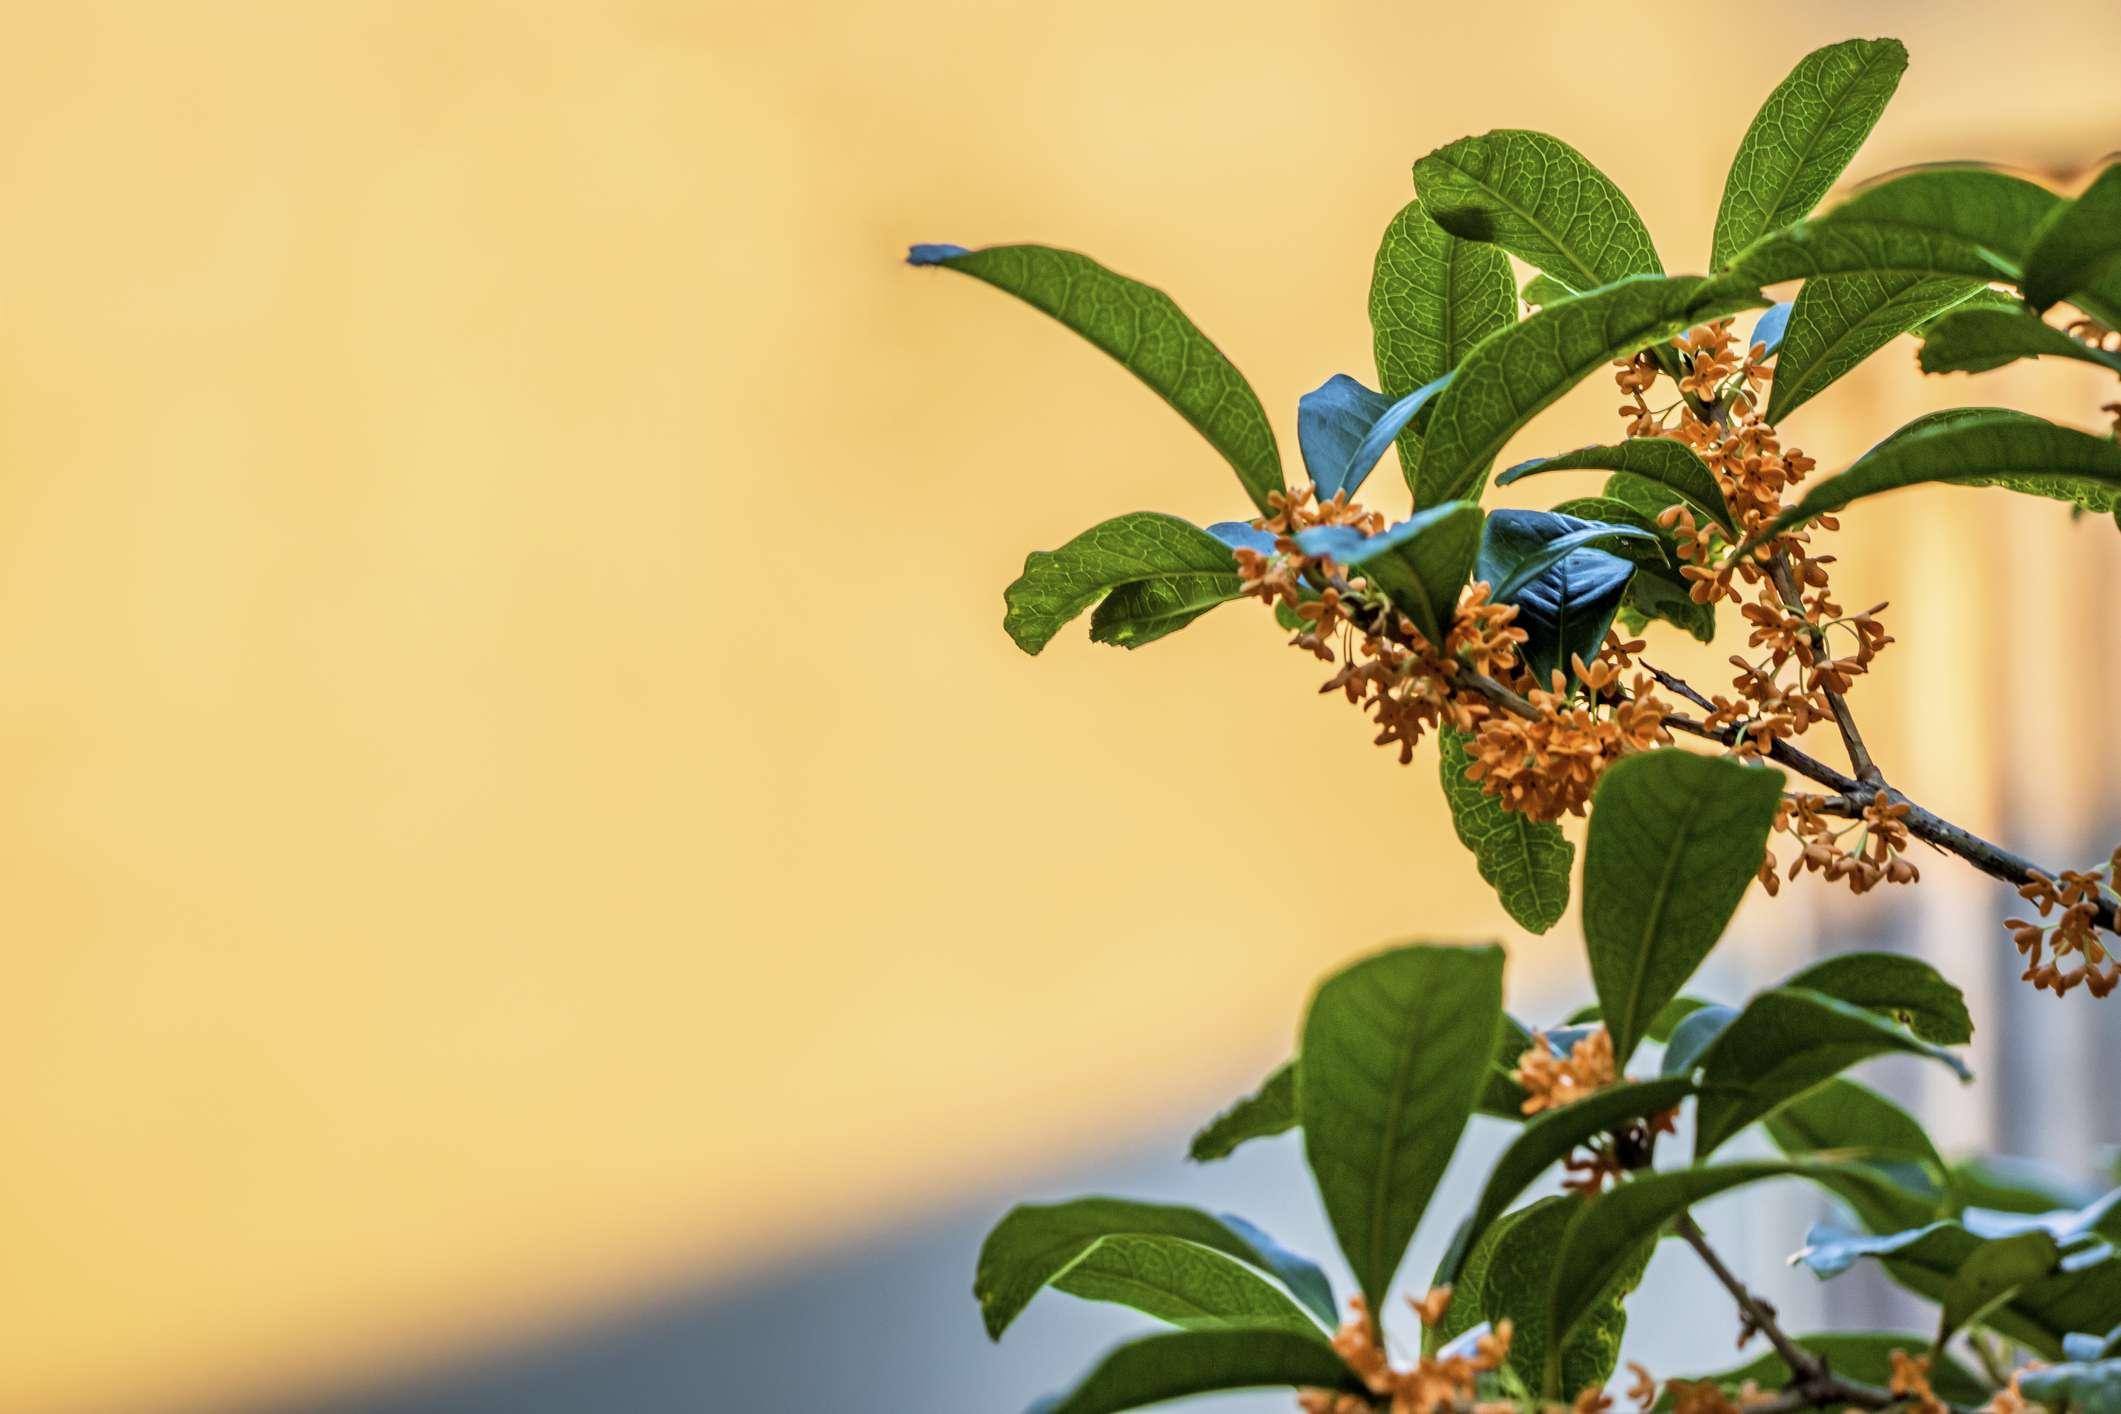 Tea Olive tree with orange flowers